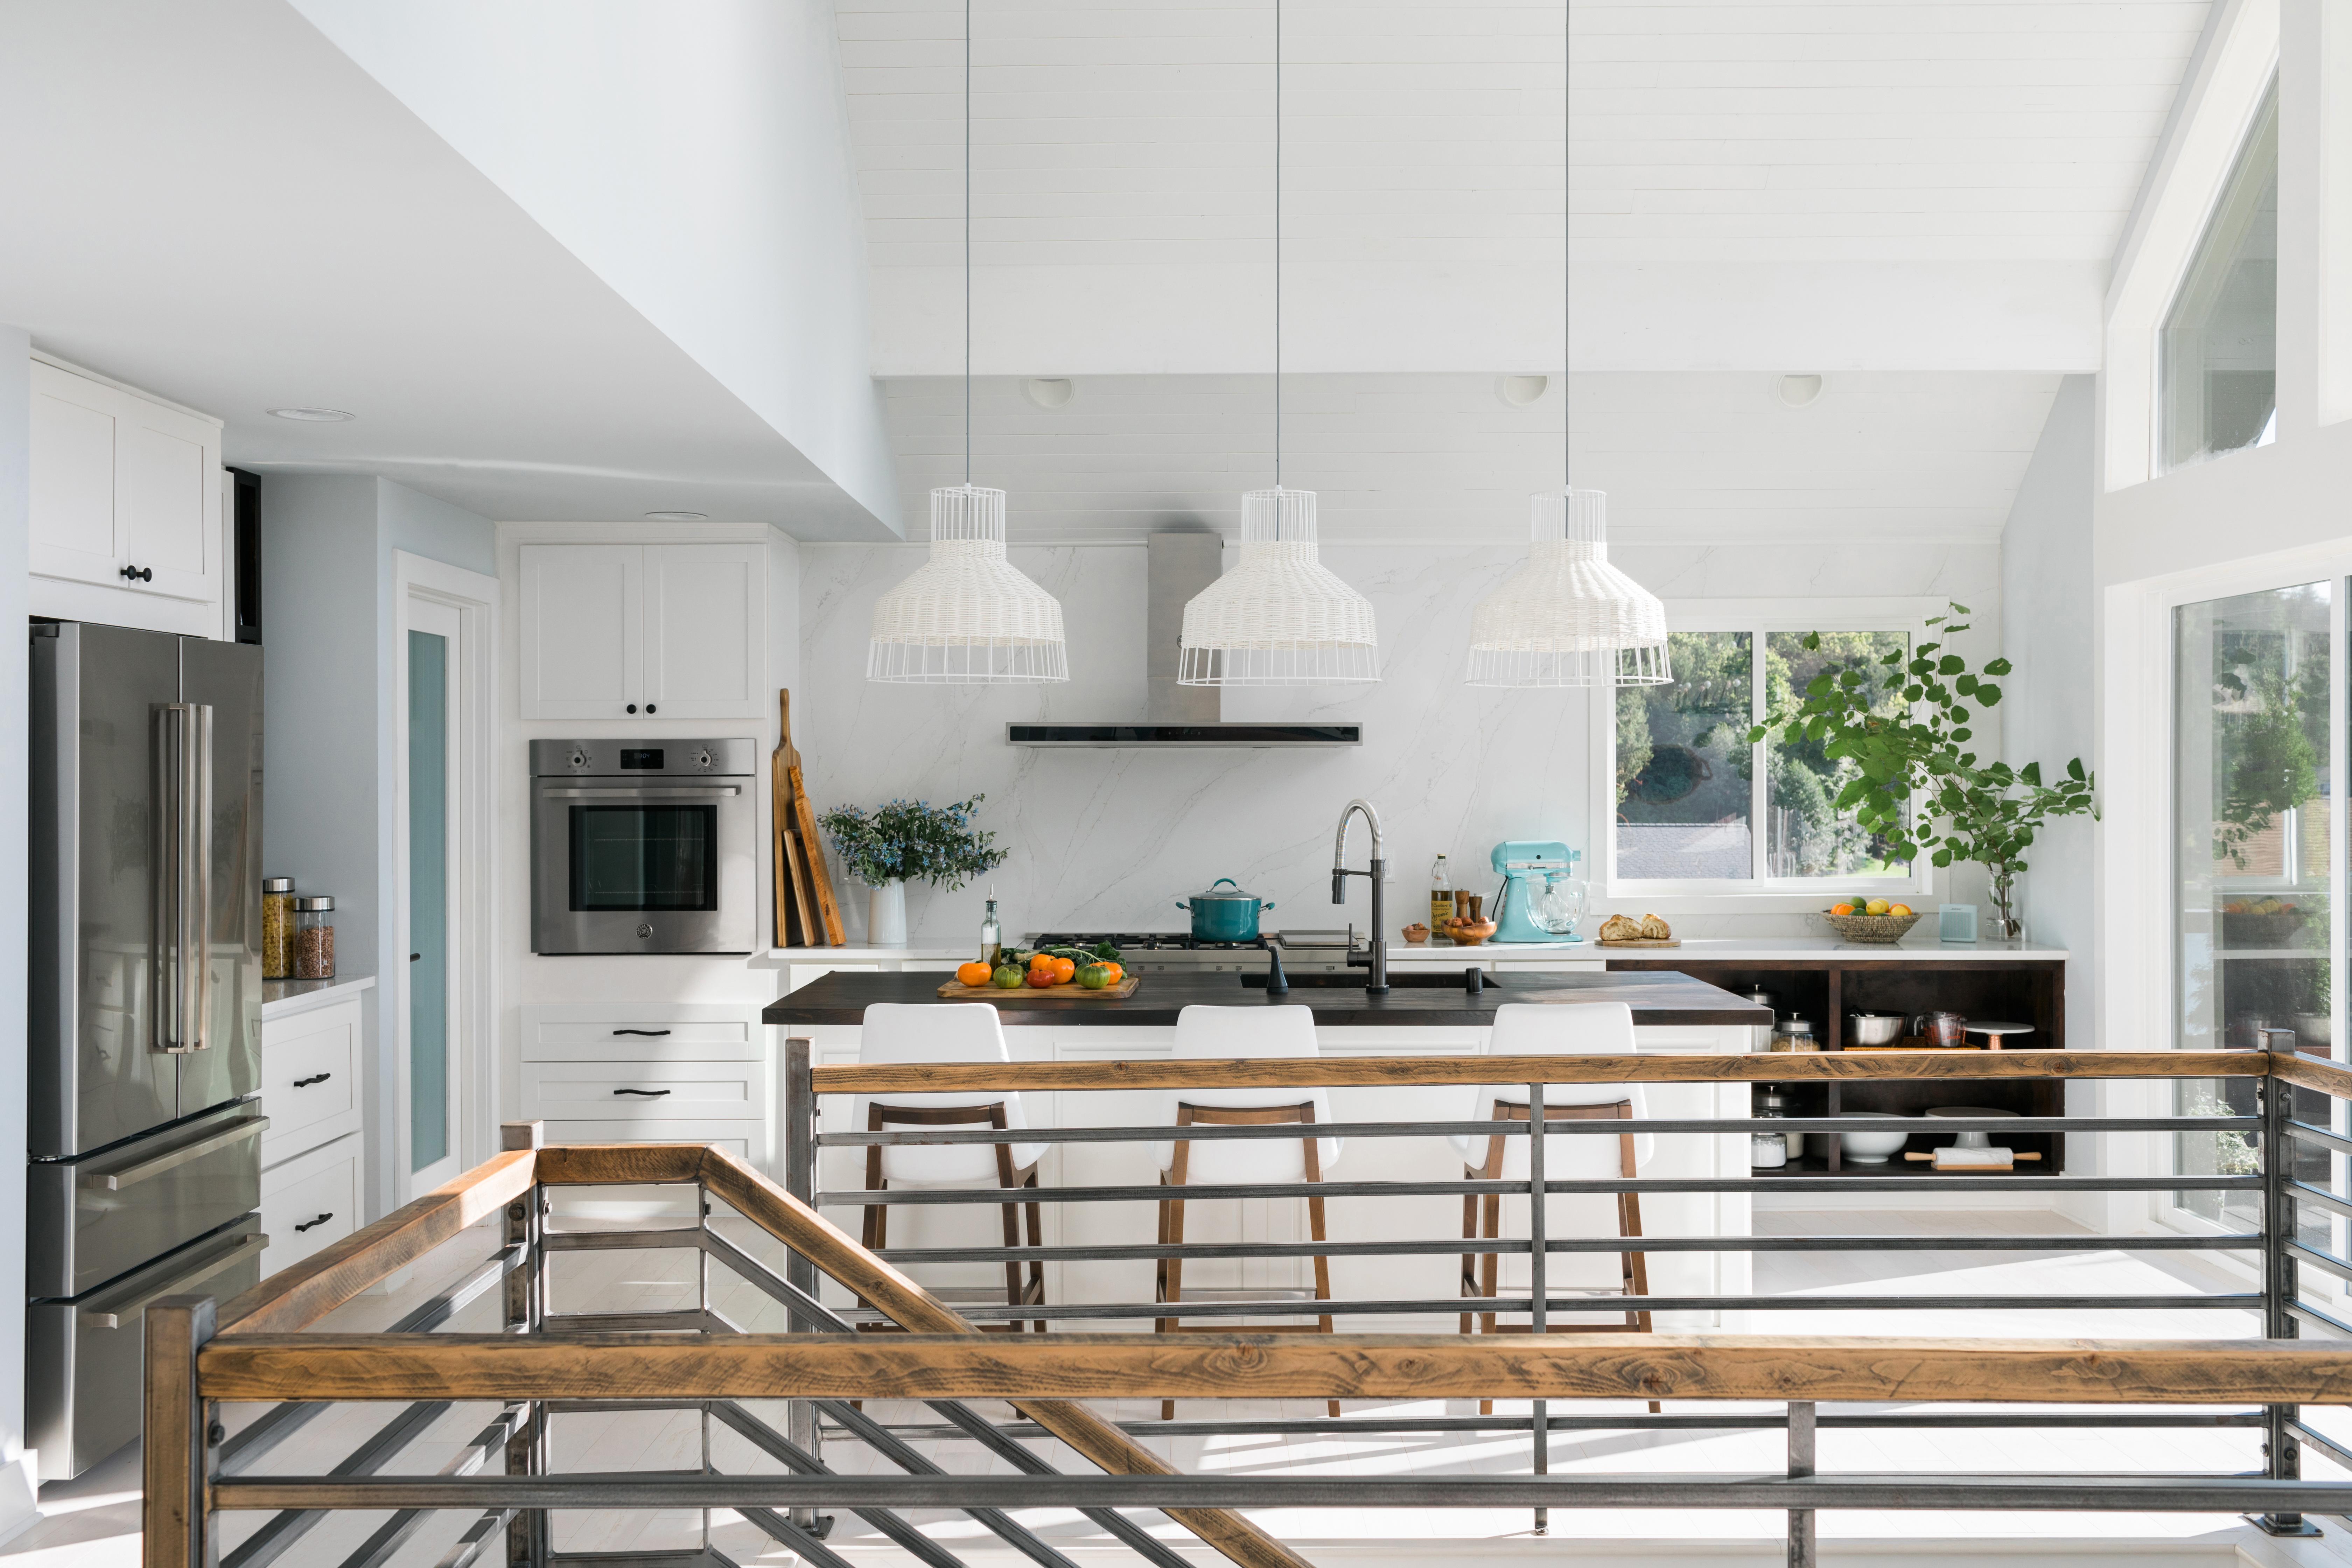 HGTV Dream Home 2018 Details Tour - Fox Hollow Cottage